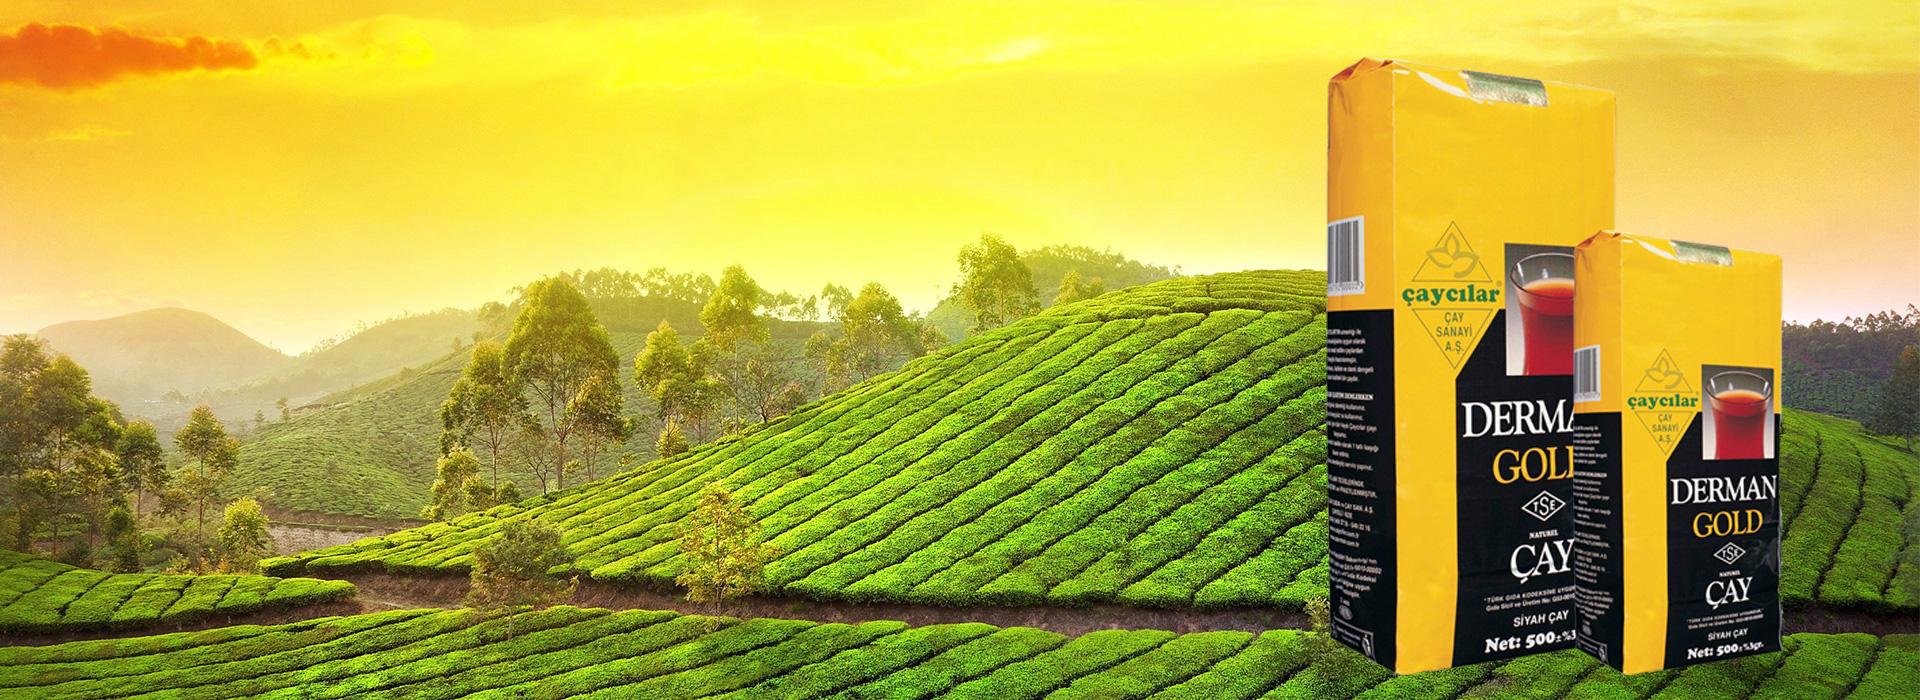 35 yıldır en taze çayı üretiyoruz.